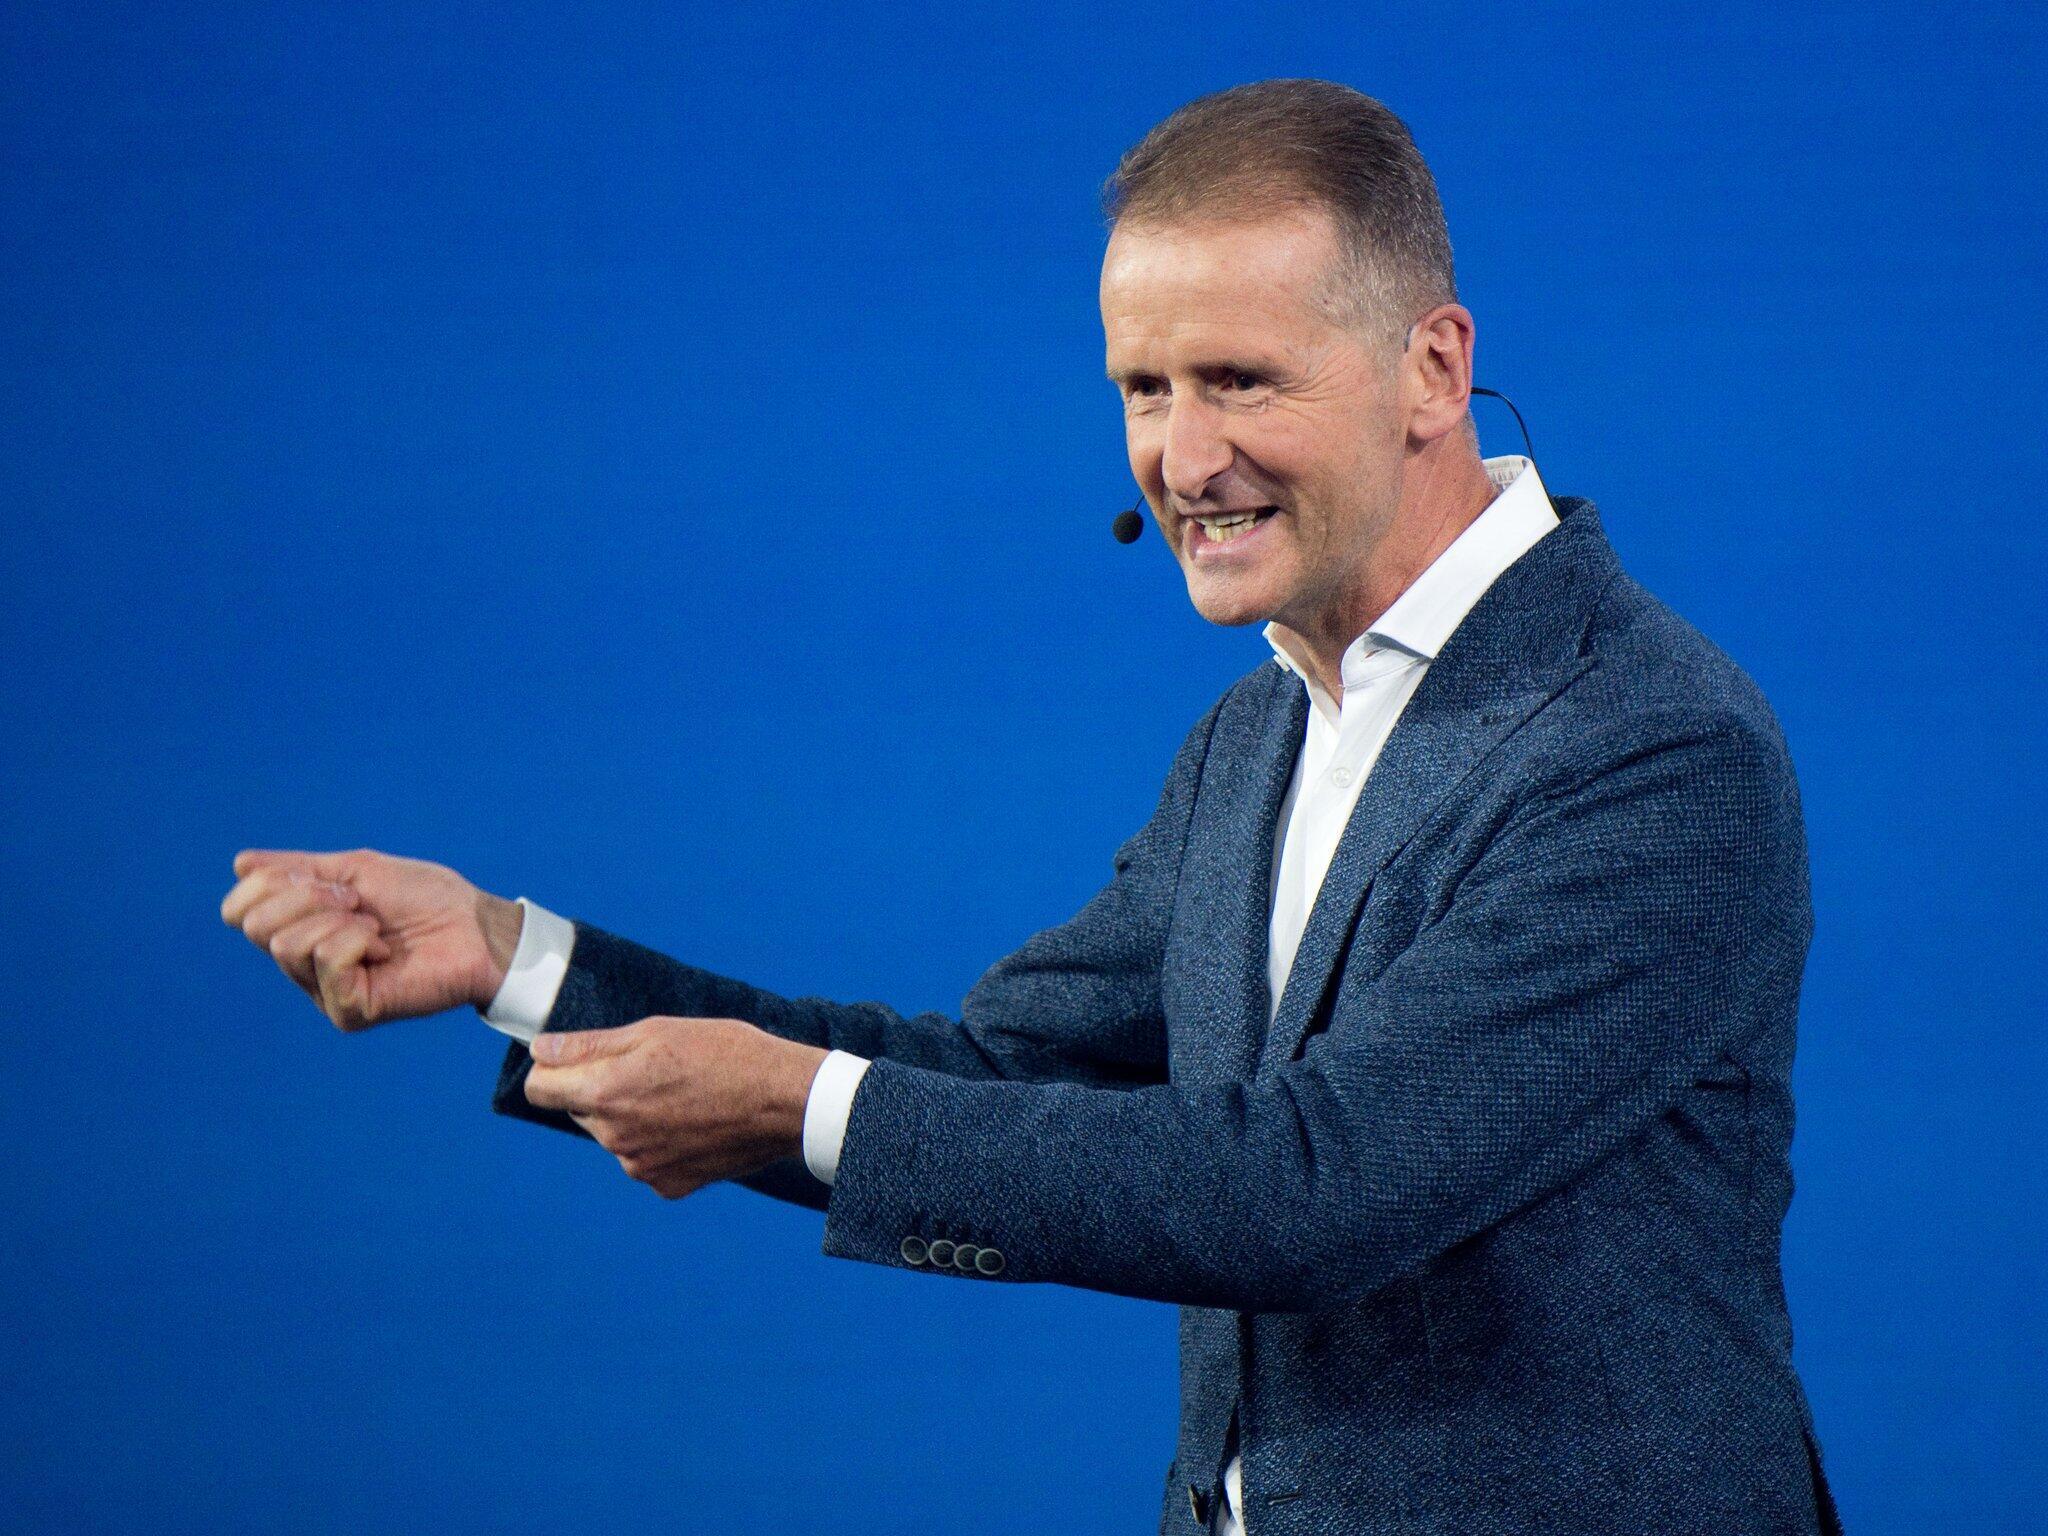 Το VW Group υποστηρίζει τον διευθύνοντα σύμβουλό του